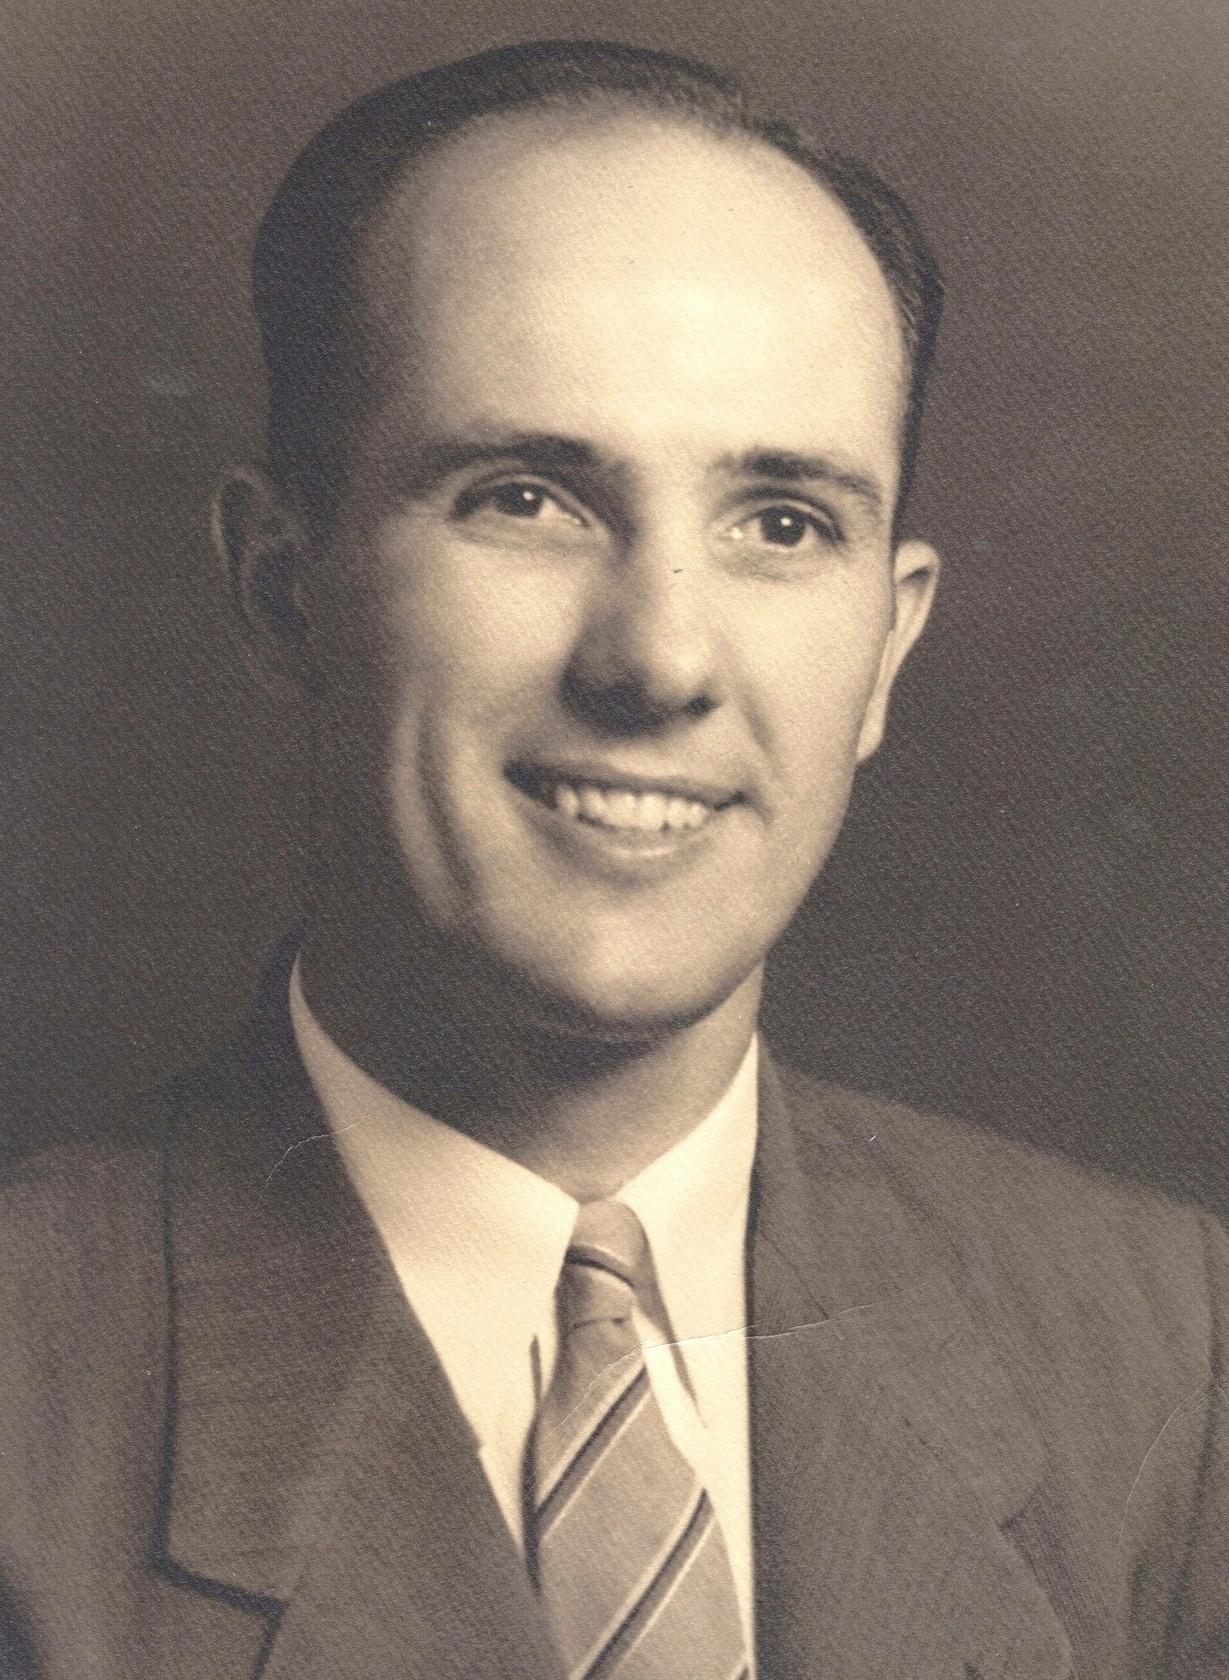 Obituary Edward Ed Lee Short